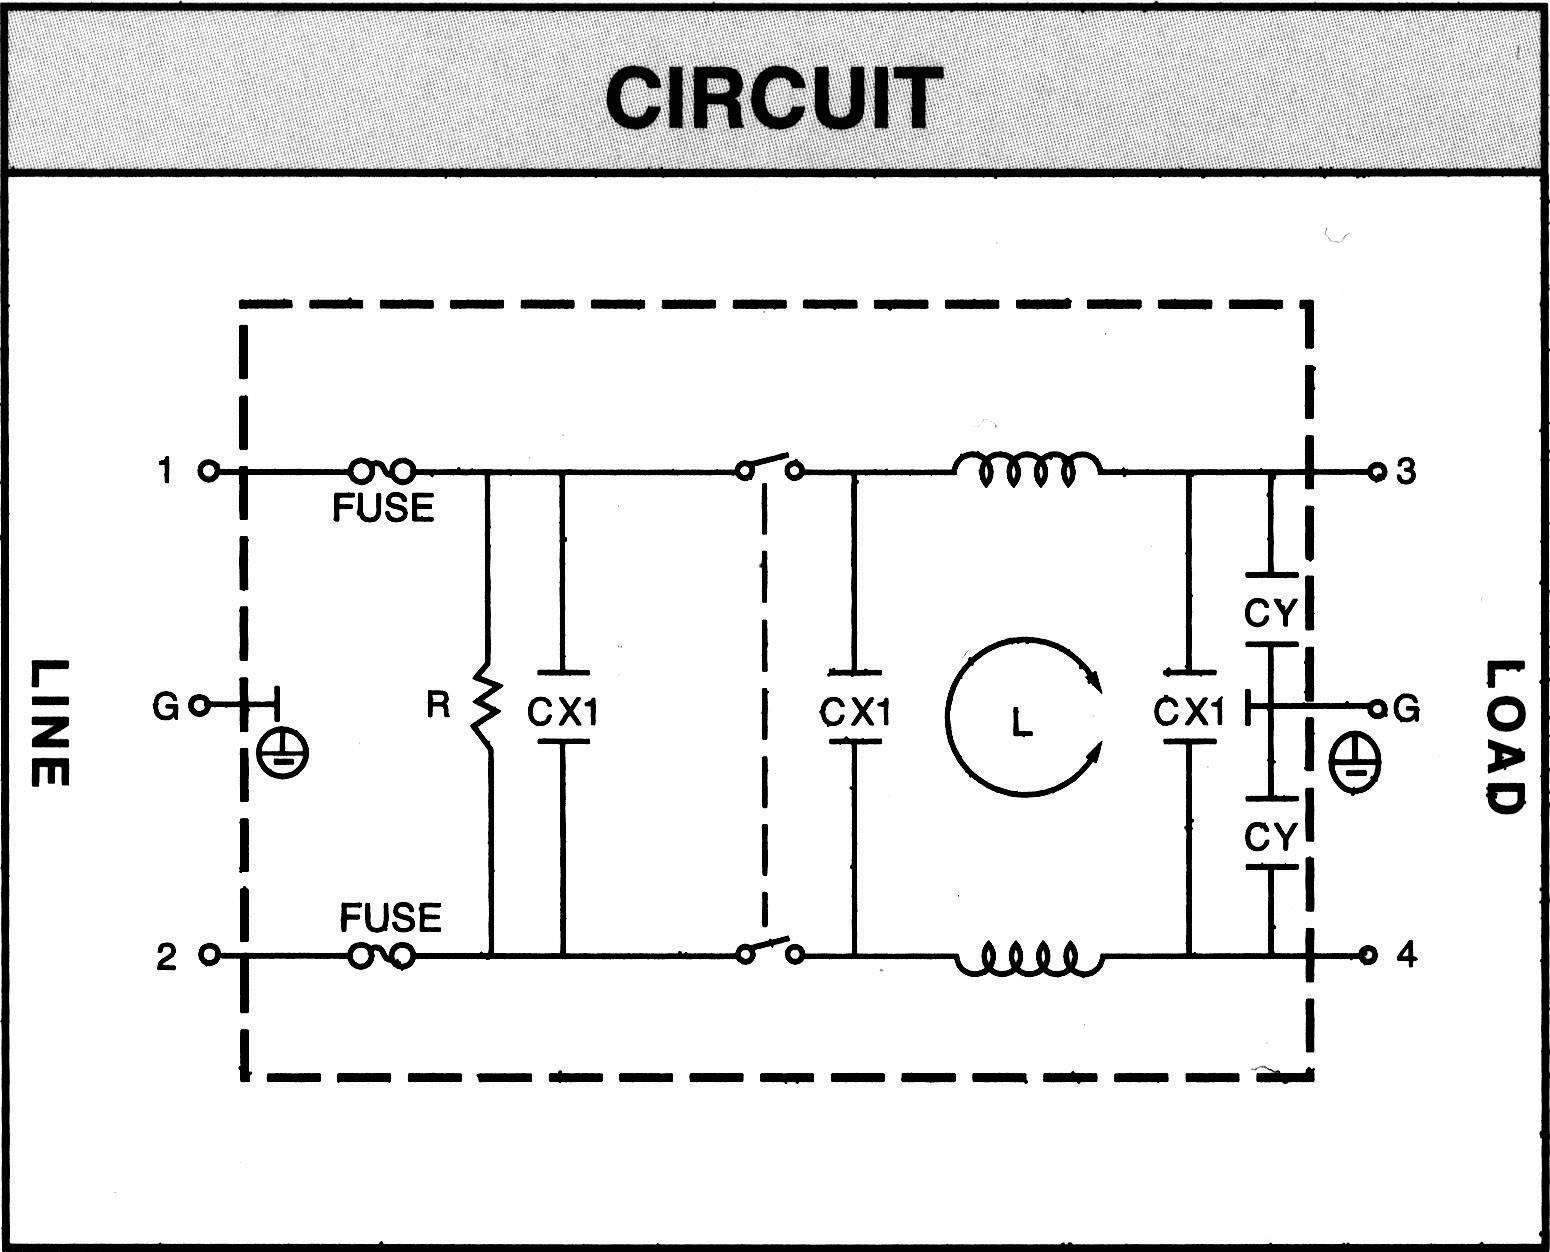 Sieťový filter Yunpen YQ01A1 521361, s IEC zásuvkou, so spínačom, s dvoma poistkami, 250 V/AC, 1 A, 10.5 mH, (d x š x v) 68 x 52.5 x 61 mm, 1 ks